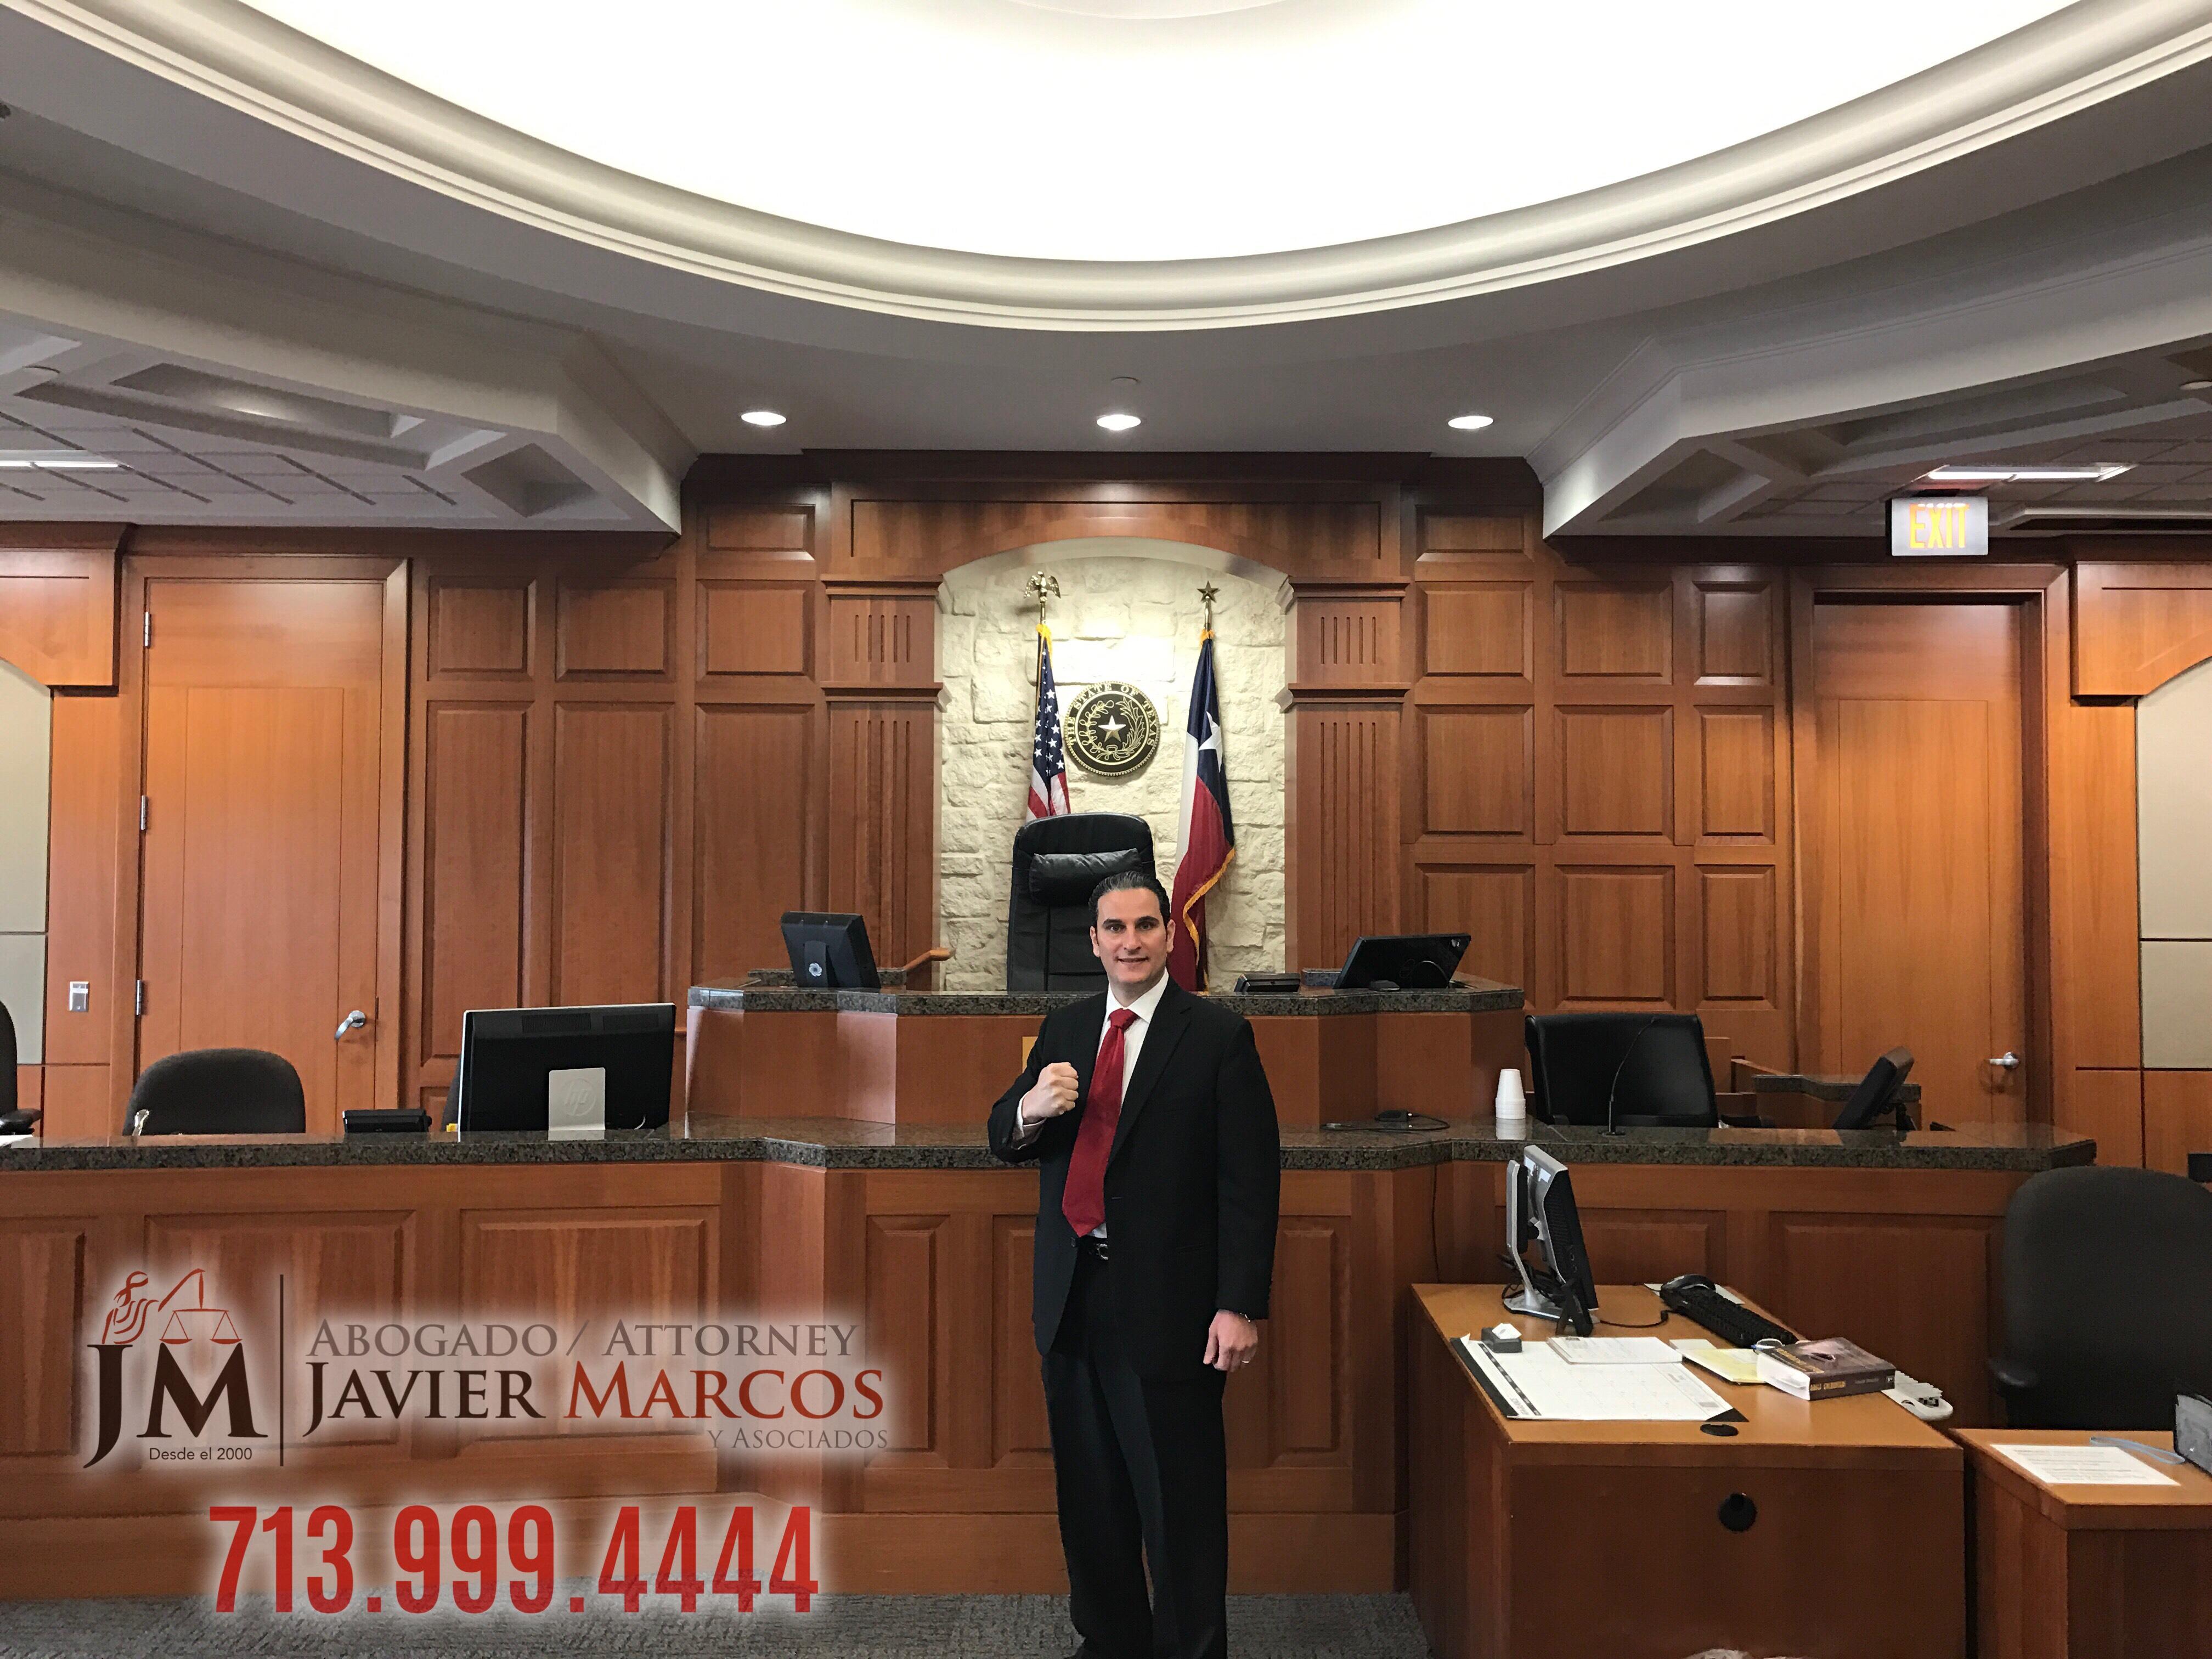 Spanish speaking attorney | Attorney Javier Marcos 713.999.4444